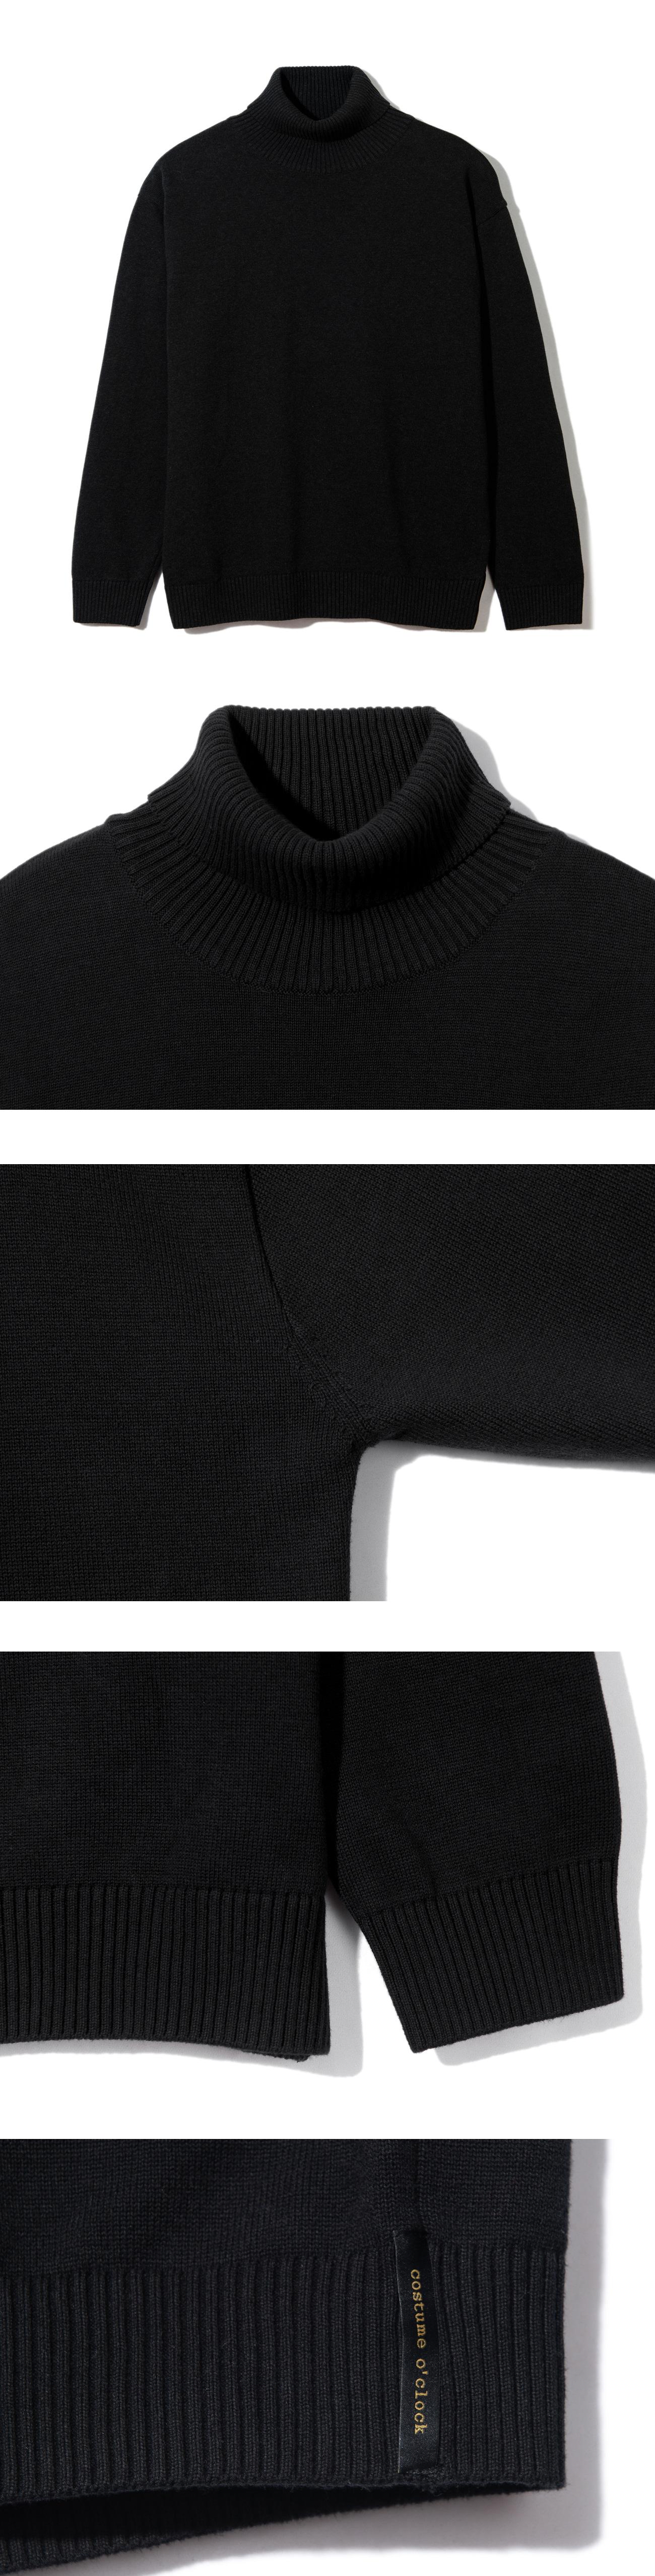 커스텀어클락(COSTUME O'CLOCK) 소프트 베이직 터틀넥 니트 블랙